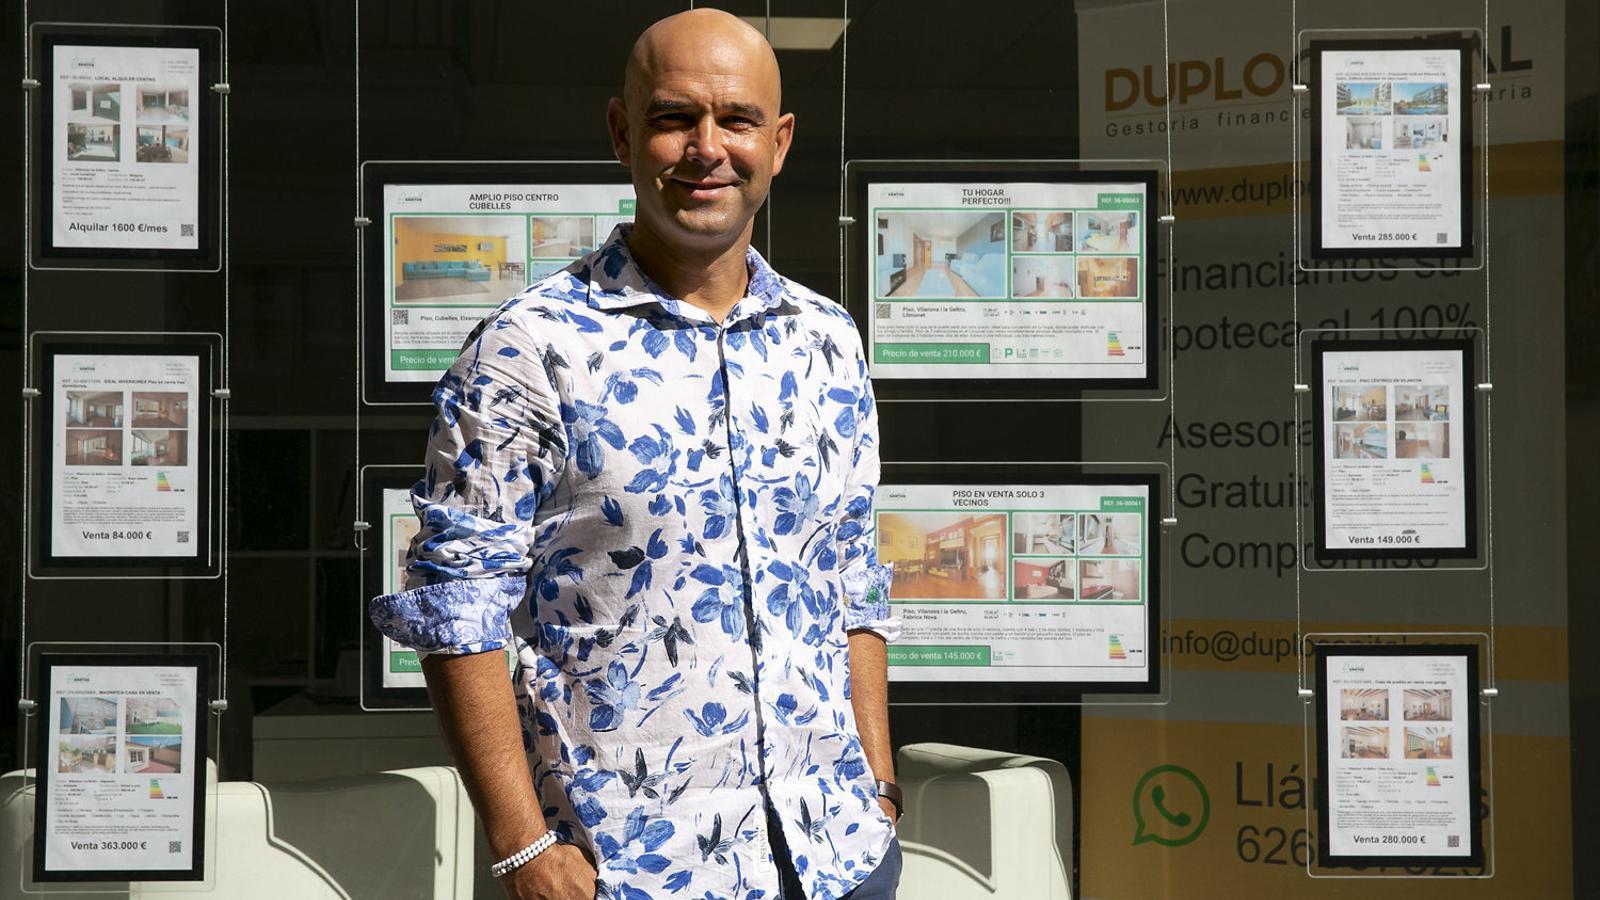 Raúl Santos és autònom i agent immobiliari. Malgrat la crisi, té esperances que a la tardor la situació millori.